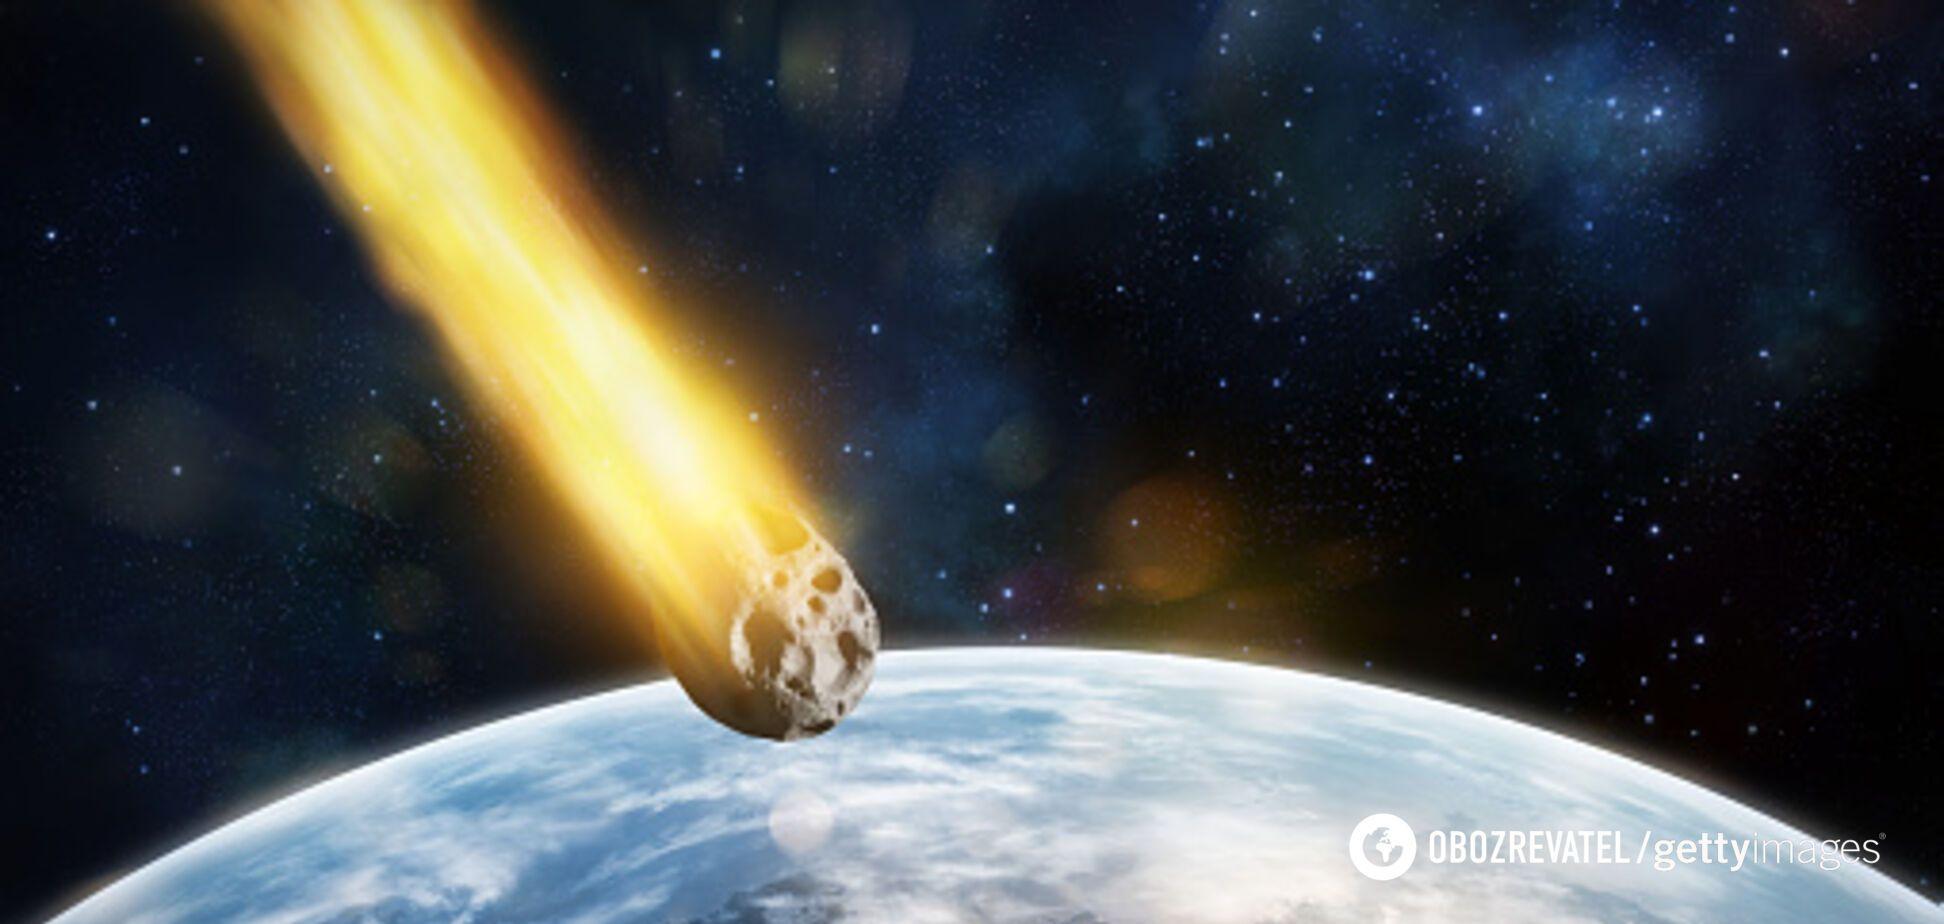 Величезний астероїд наближається до Землі: в NASA попередили про небезпеку